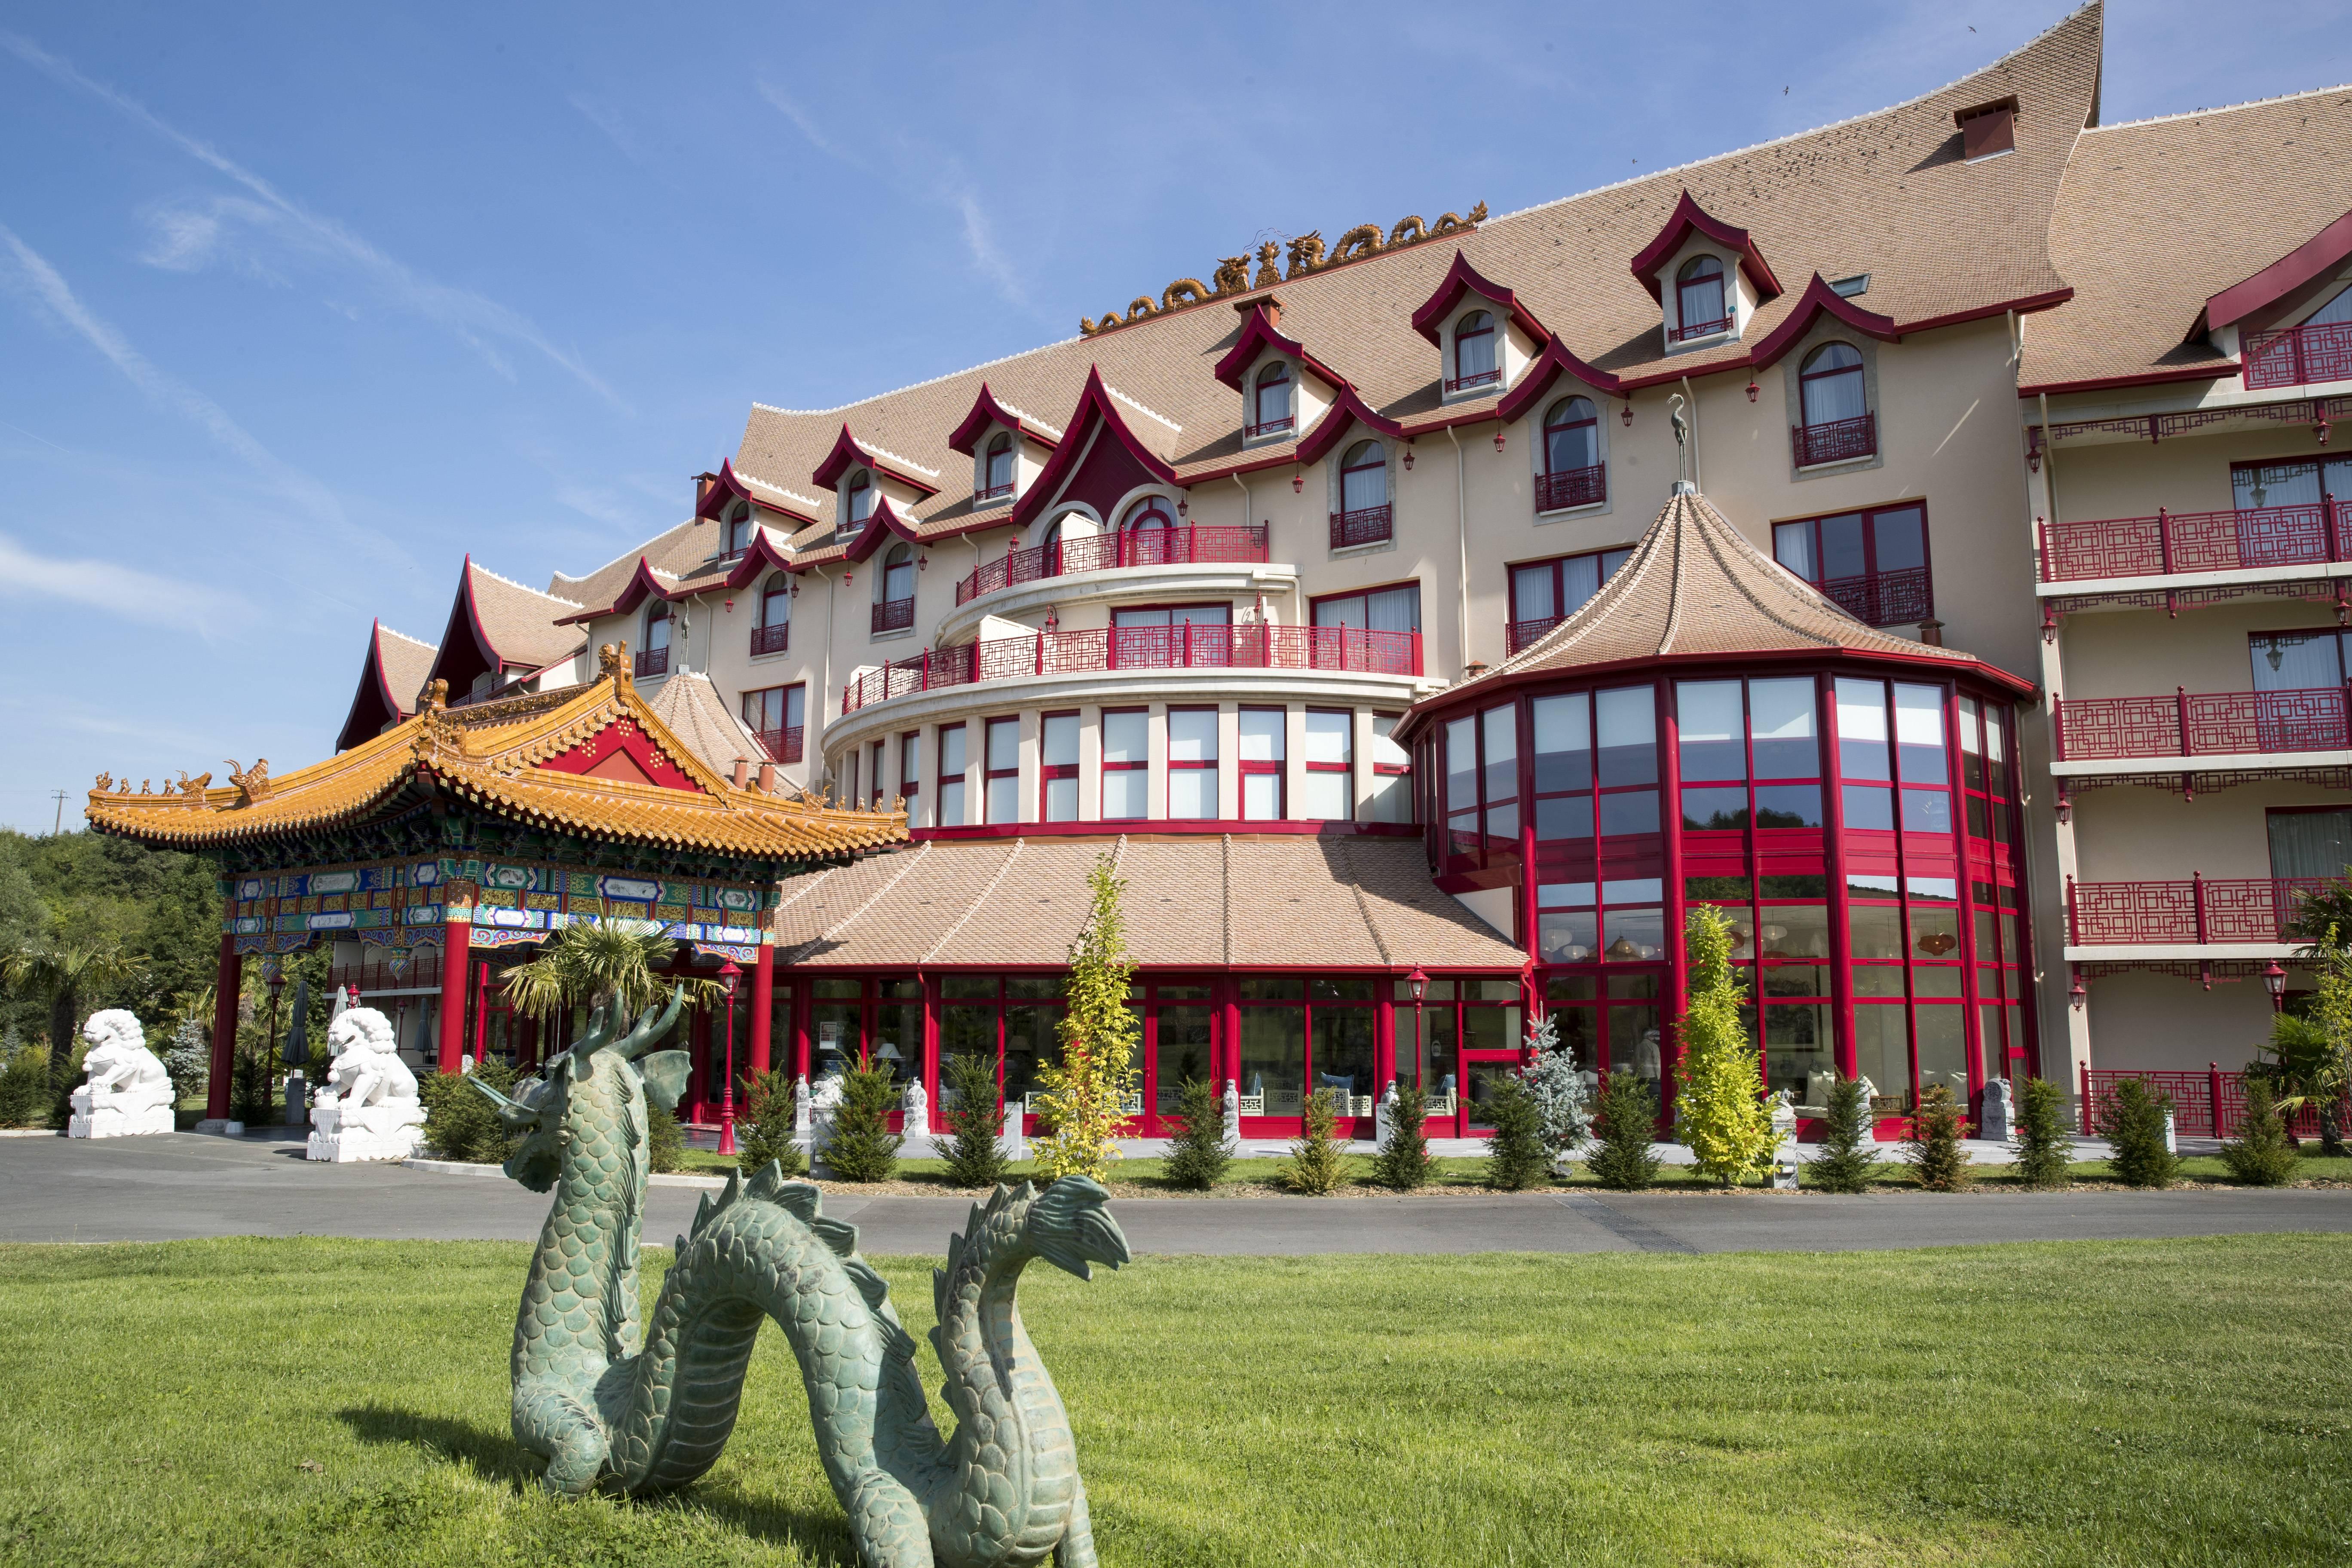 Place aux festivit s de fin d 39 ann e beauval actus for Appart hotel zoo de beauval